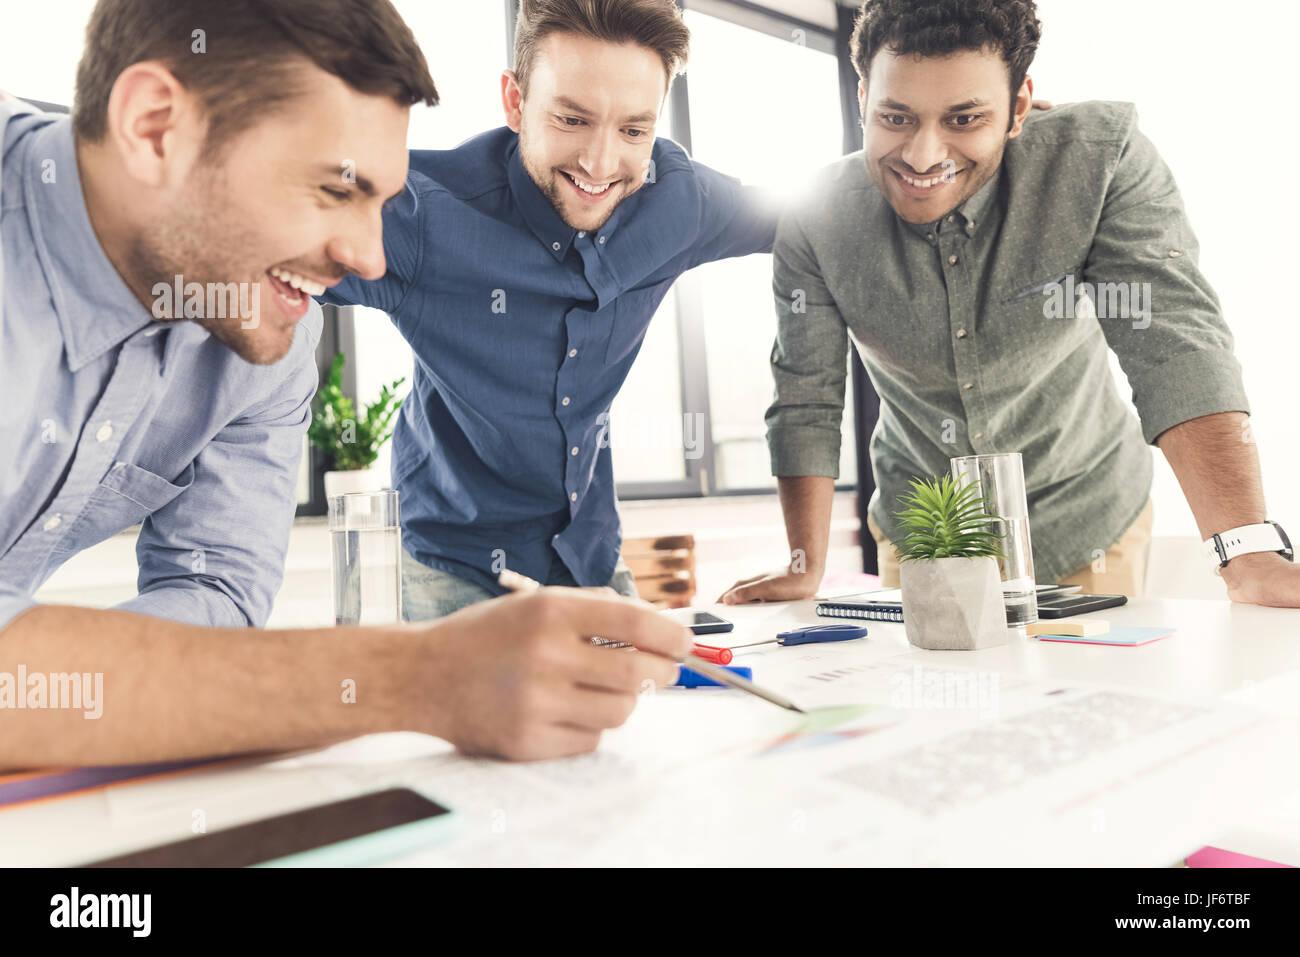 Tres jóvenes empresarios apoyándose en la mesa y trabajar en el proyecto juntos, el concepto de trabajo Imagen De Stock